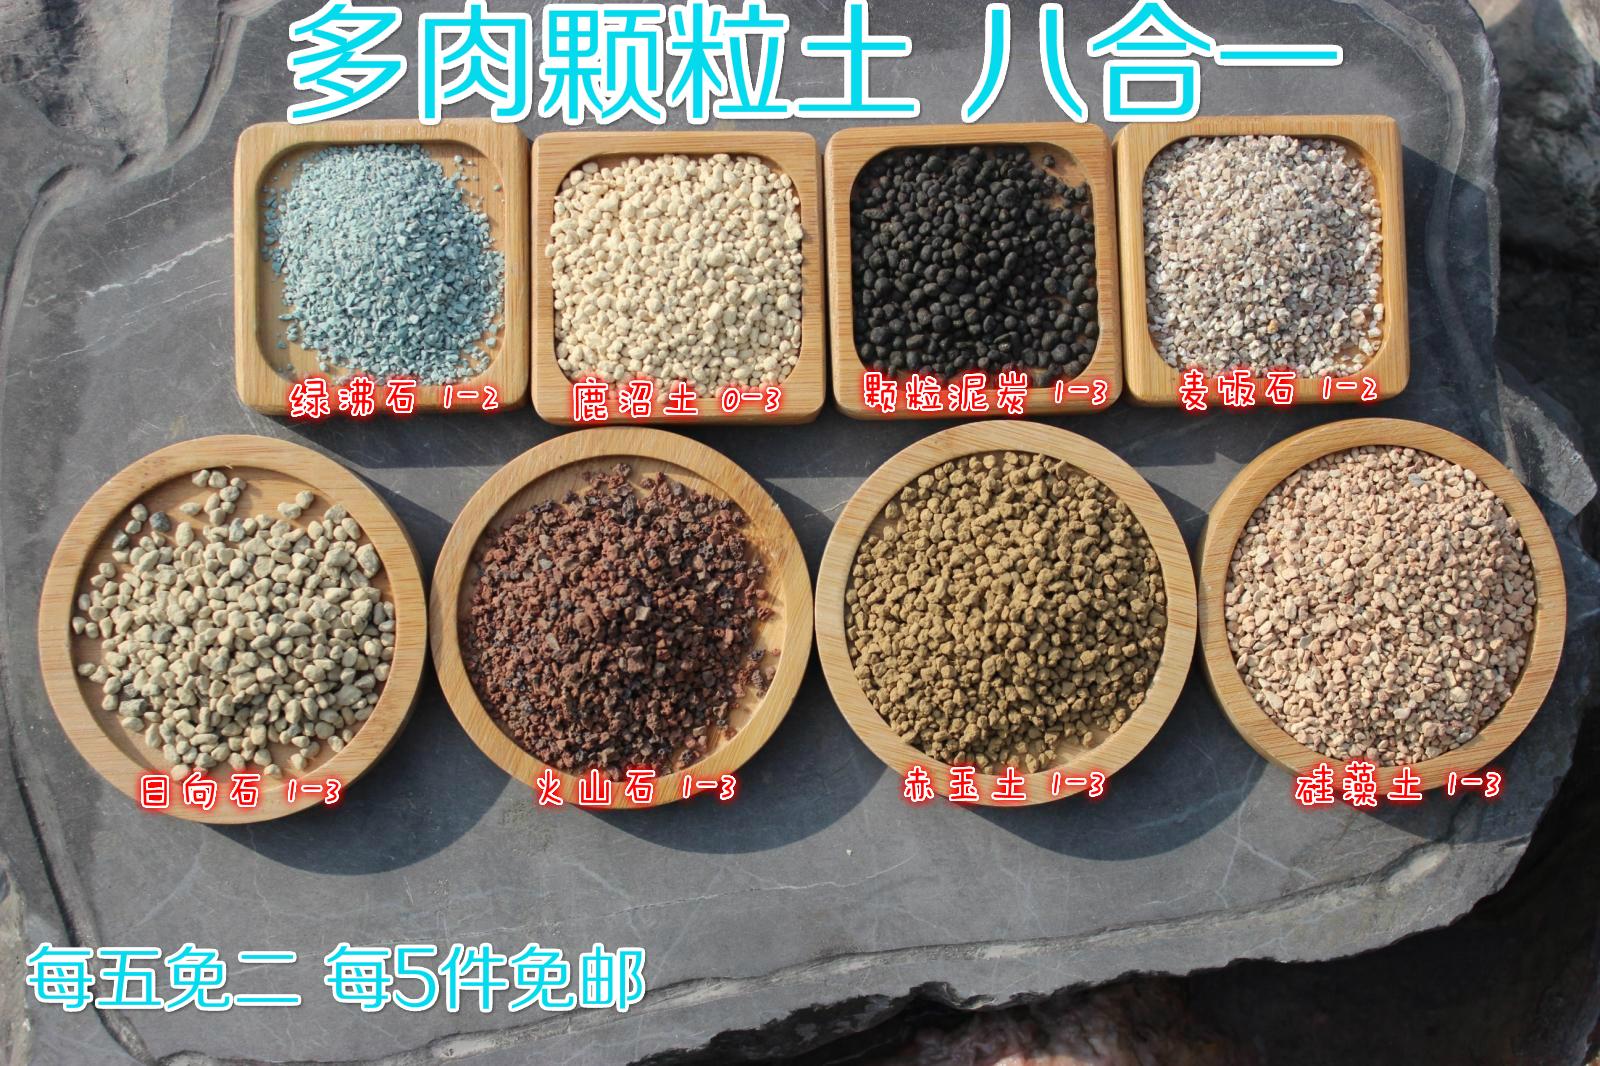 每5免2送1 多肉土鹿沼土赤玉土硅藻土虹彩石麦饭石火山石绿沸石